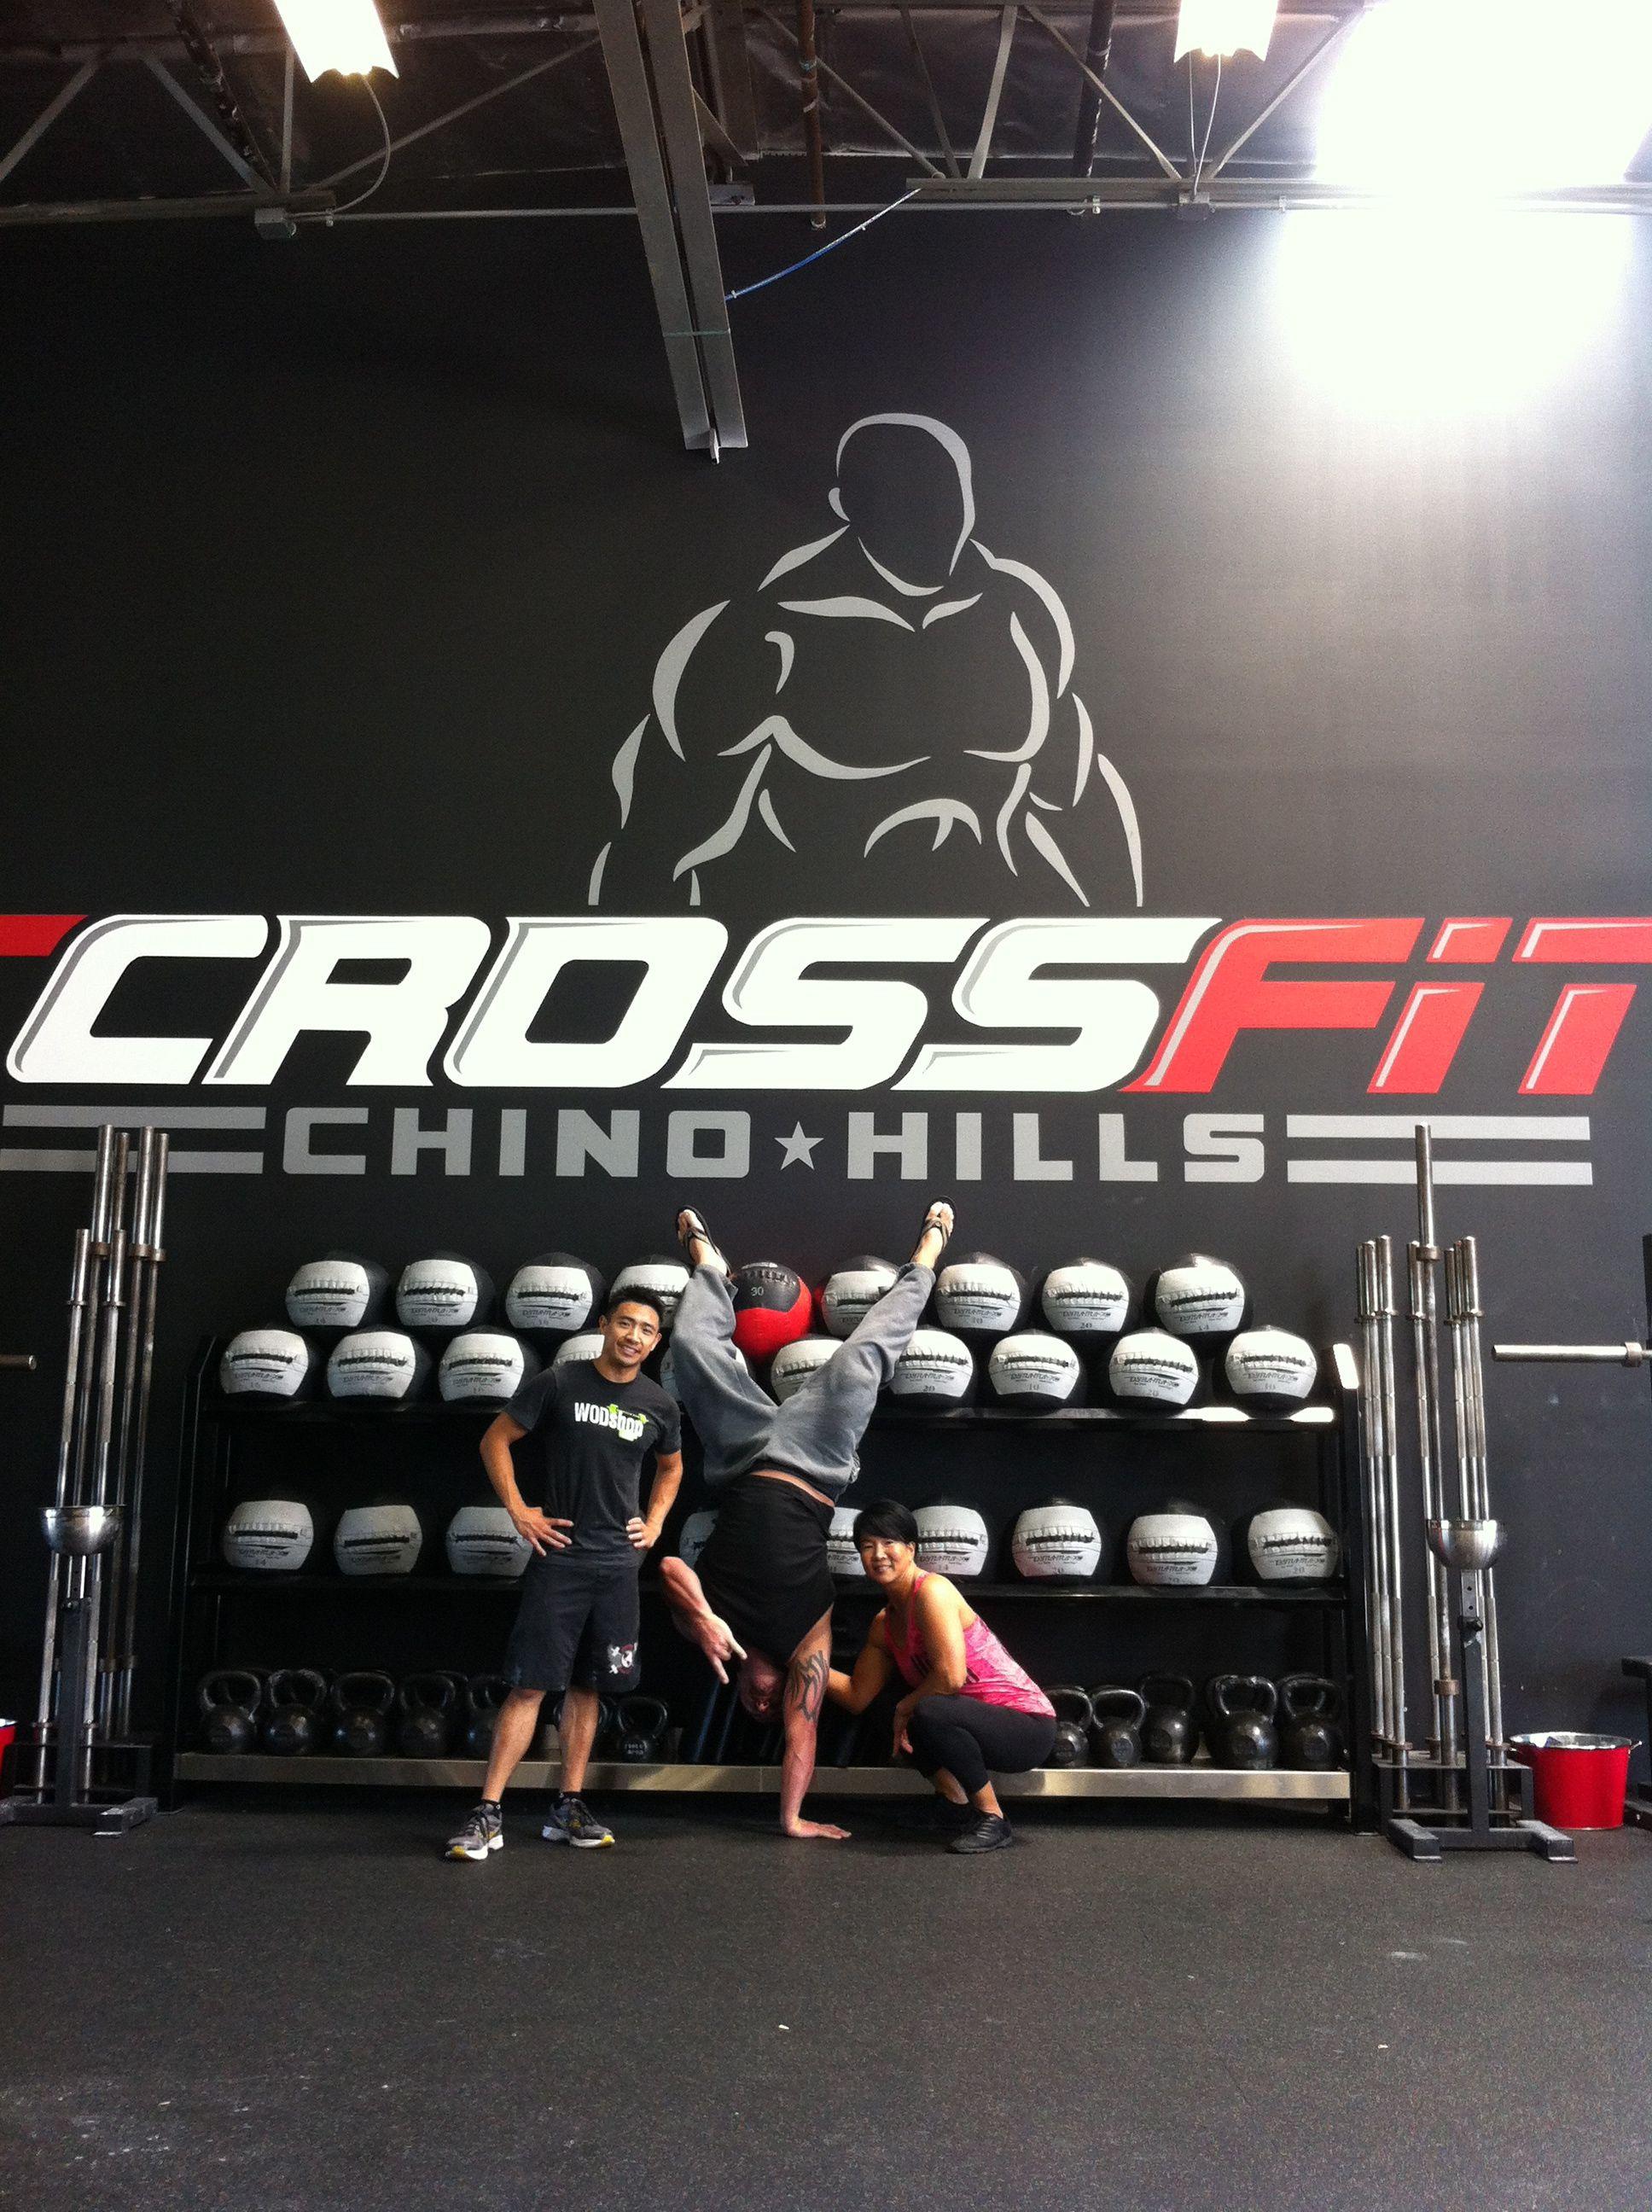 Crossfit Fitness Design Gym Gym Design Gym Design Interior